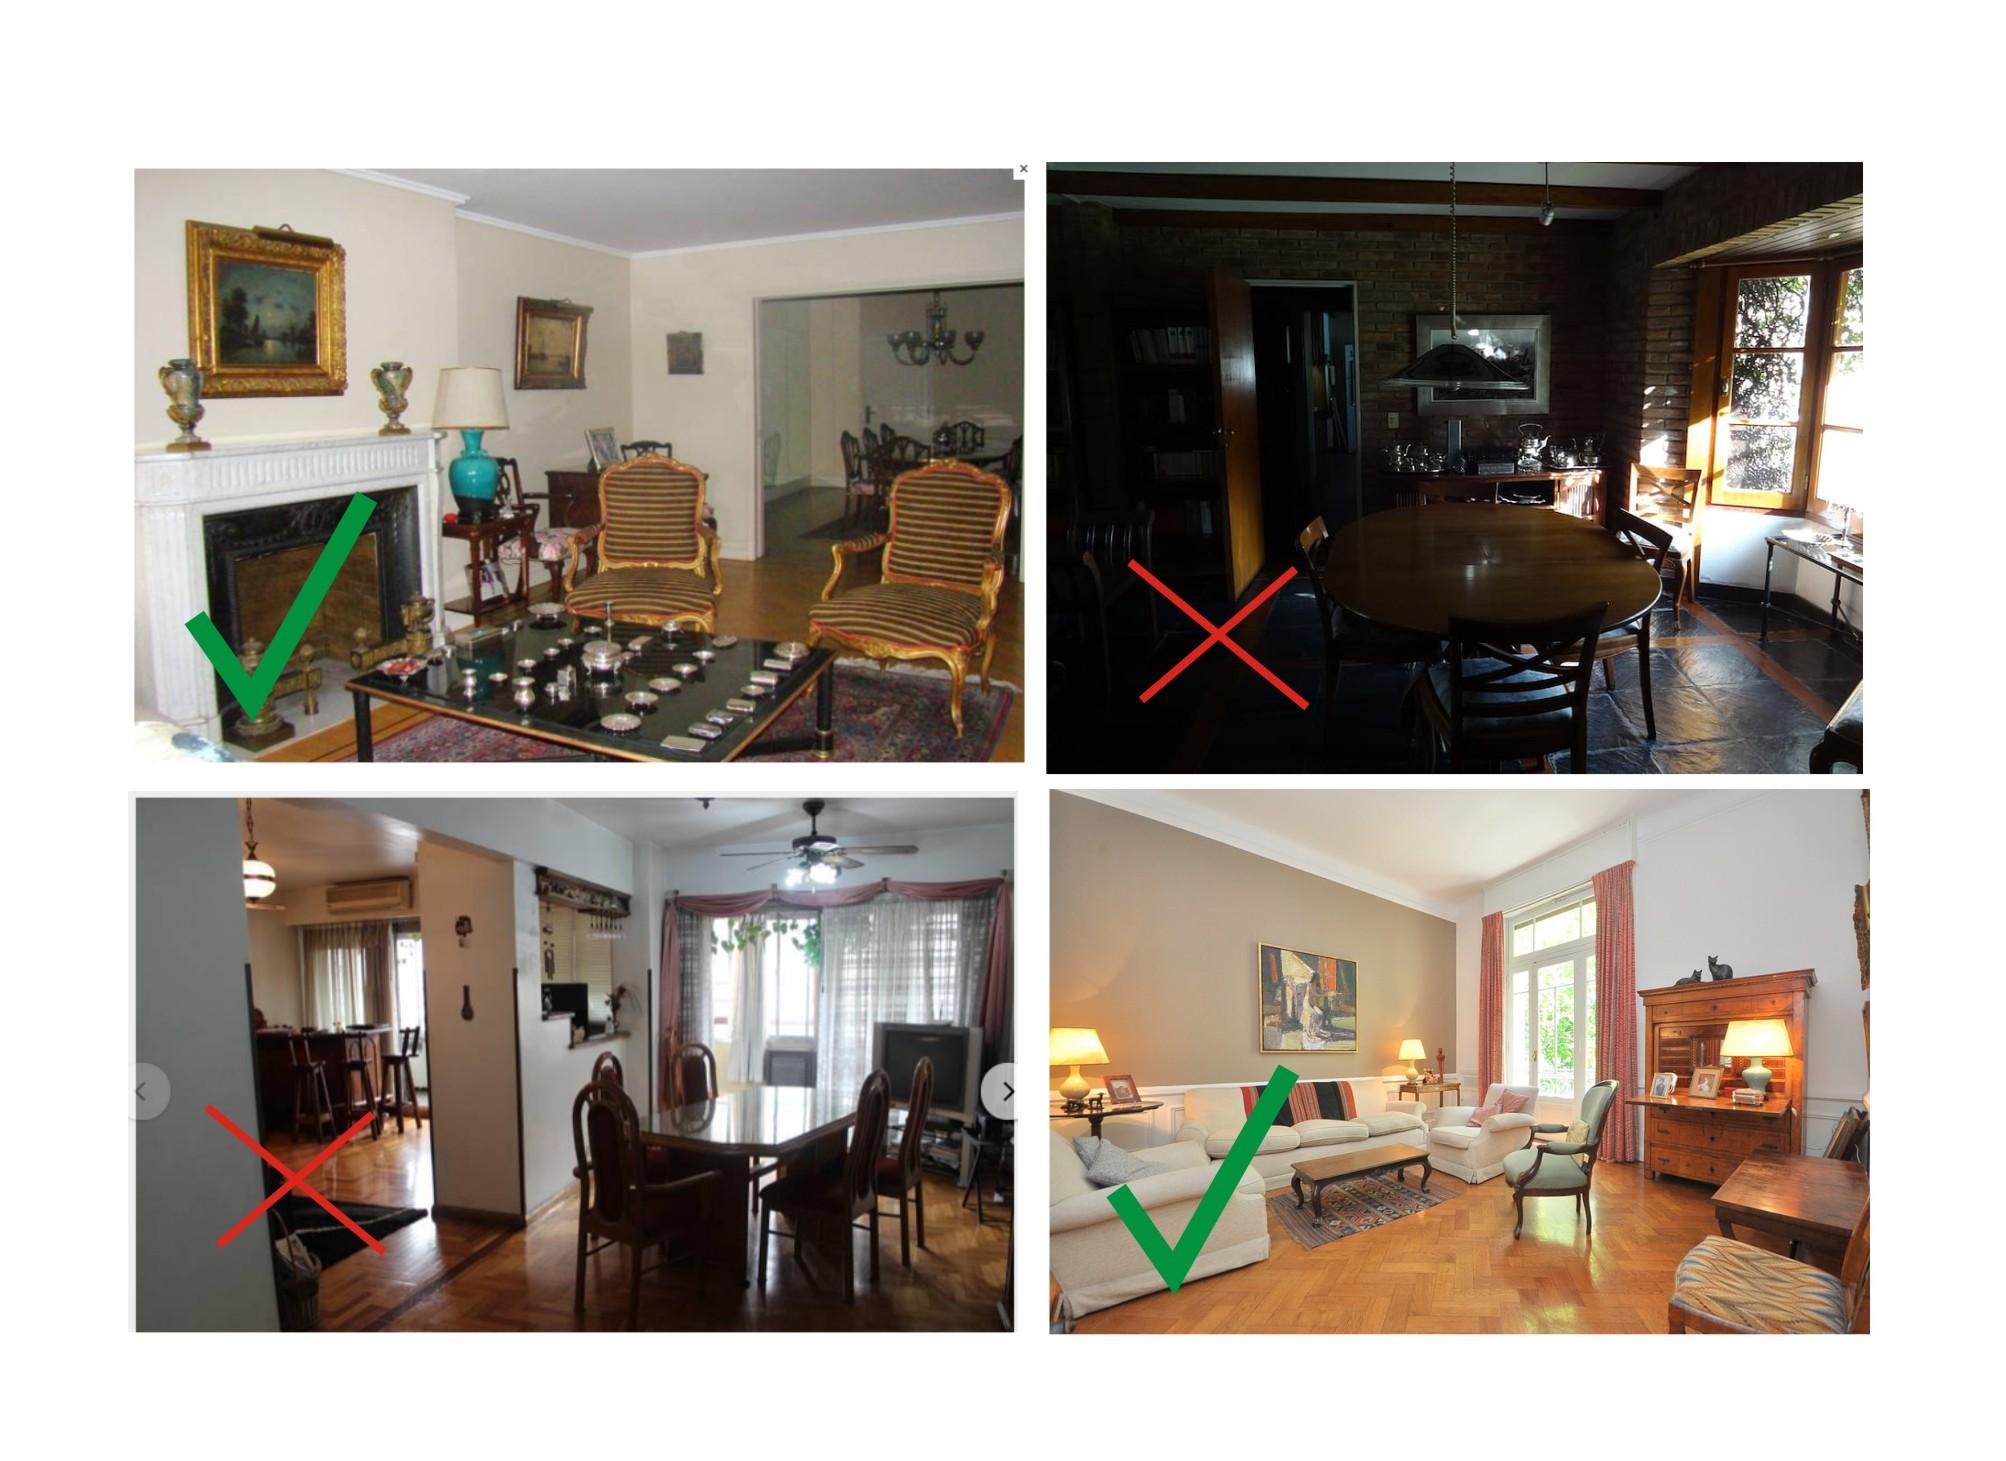 Fotografia Inmobiliaria �Que papel juega la Fotografia en la venta de mi inmueble?